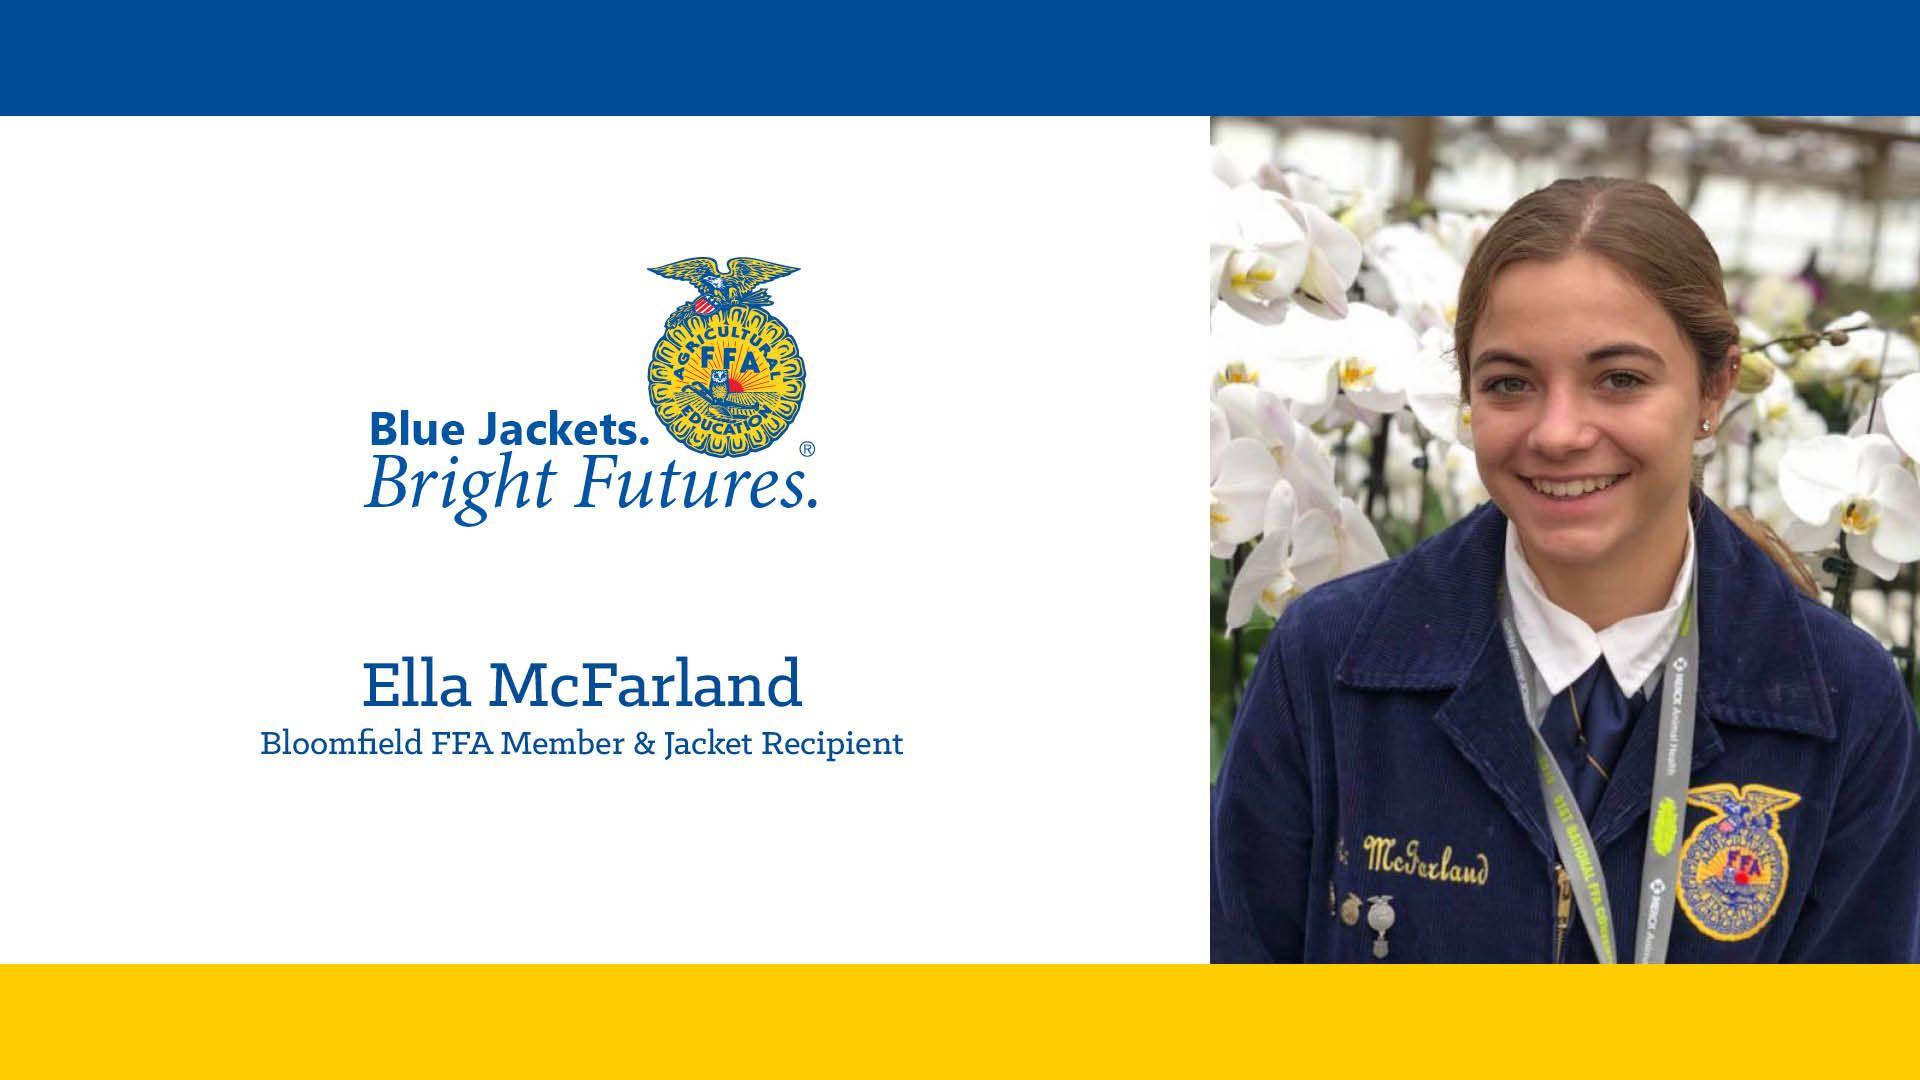 Blue Jackets. Bright Futures. Program Recipient